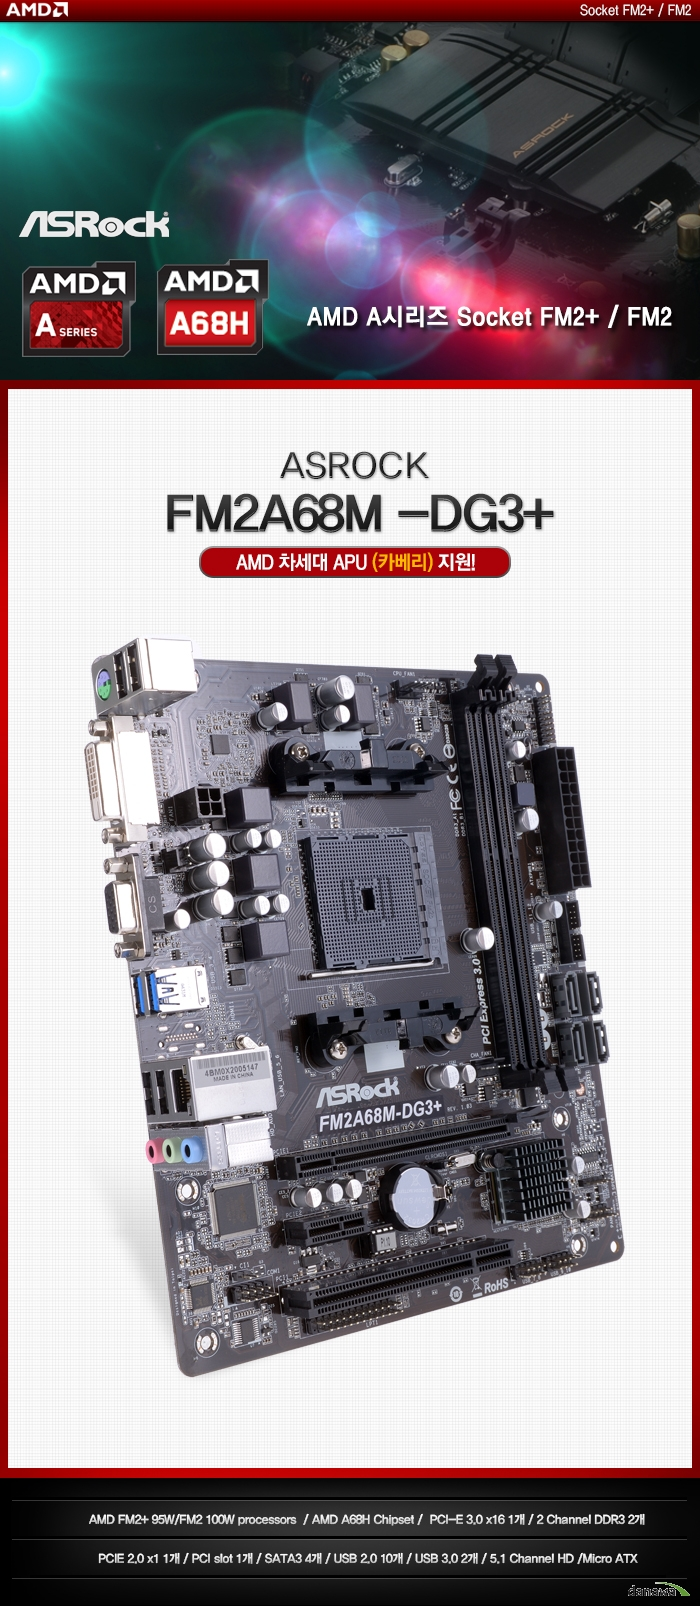 ASRock FM2A68M -DG3+ 주요 특징